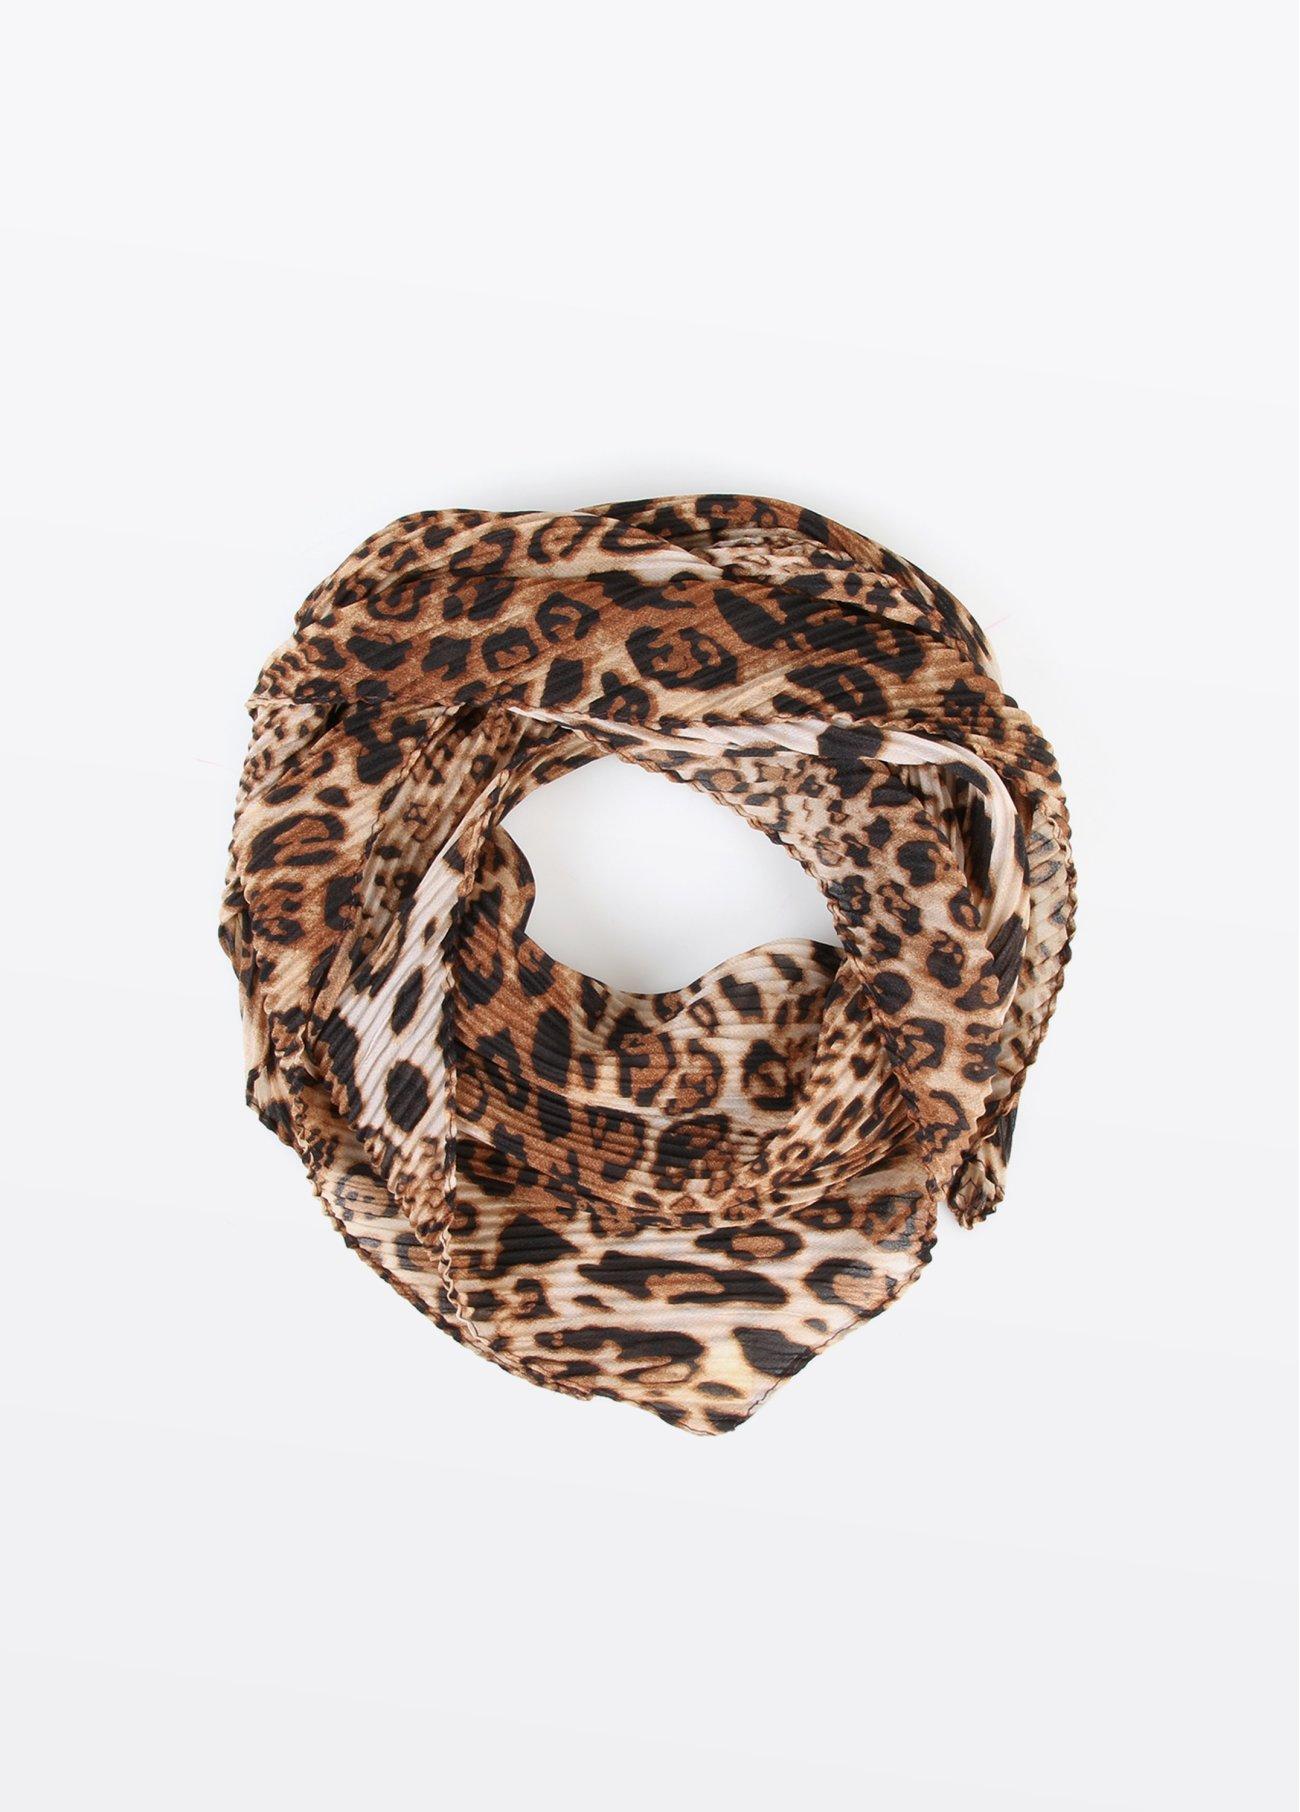 Pañuelo cuello estampado leopardo, estampado 2